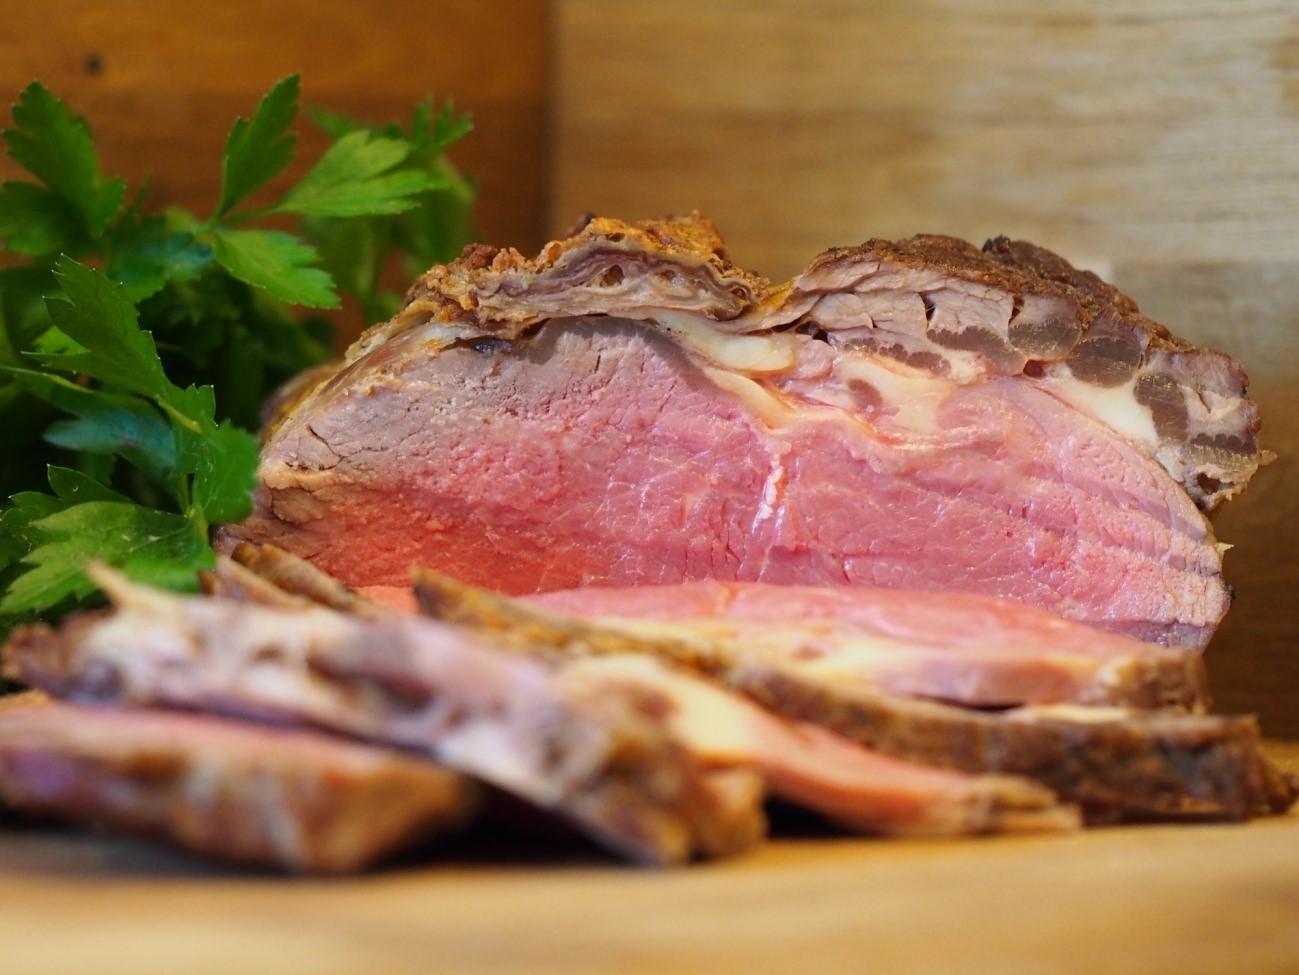 おせちのローストビーフ 盛り付け方法とお重への詰め方、簡単レシピ